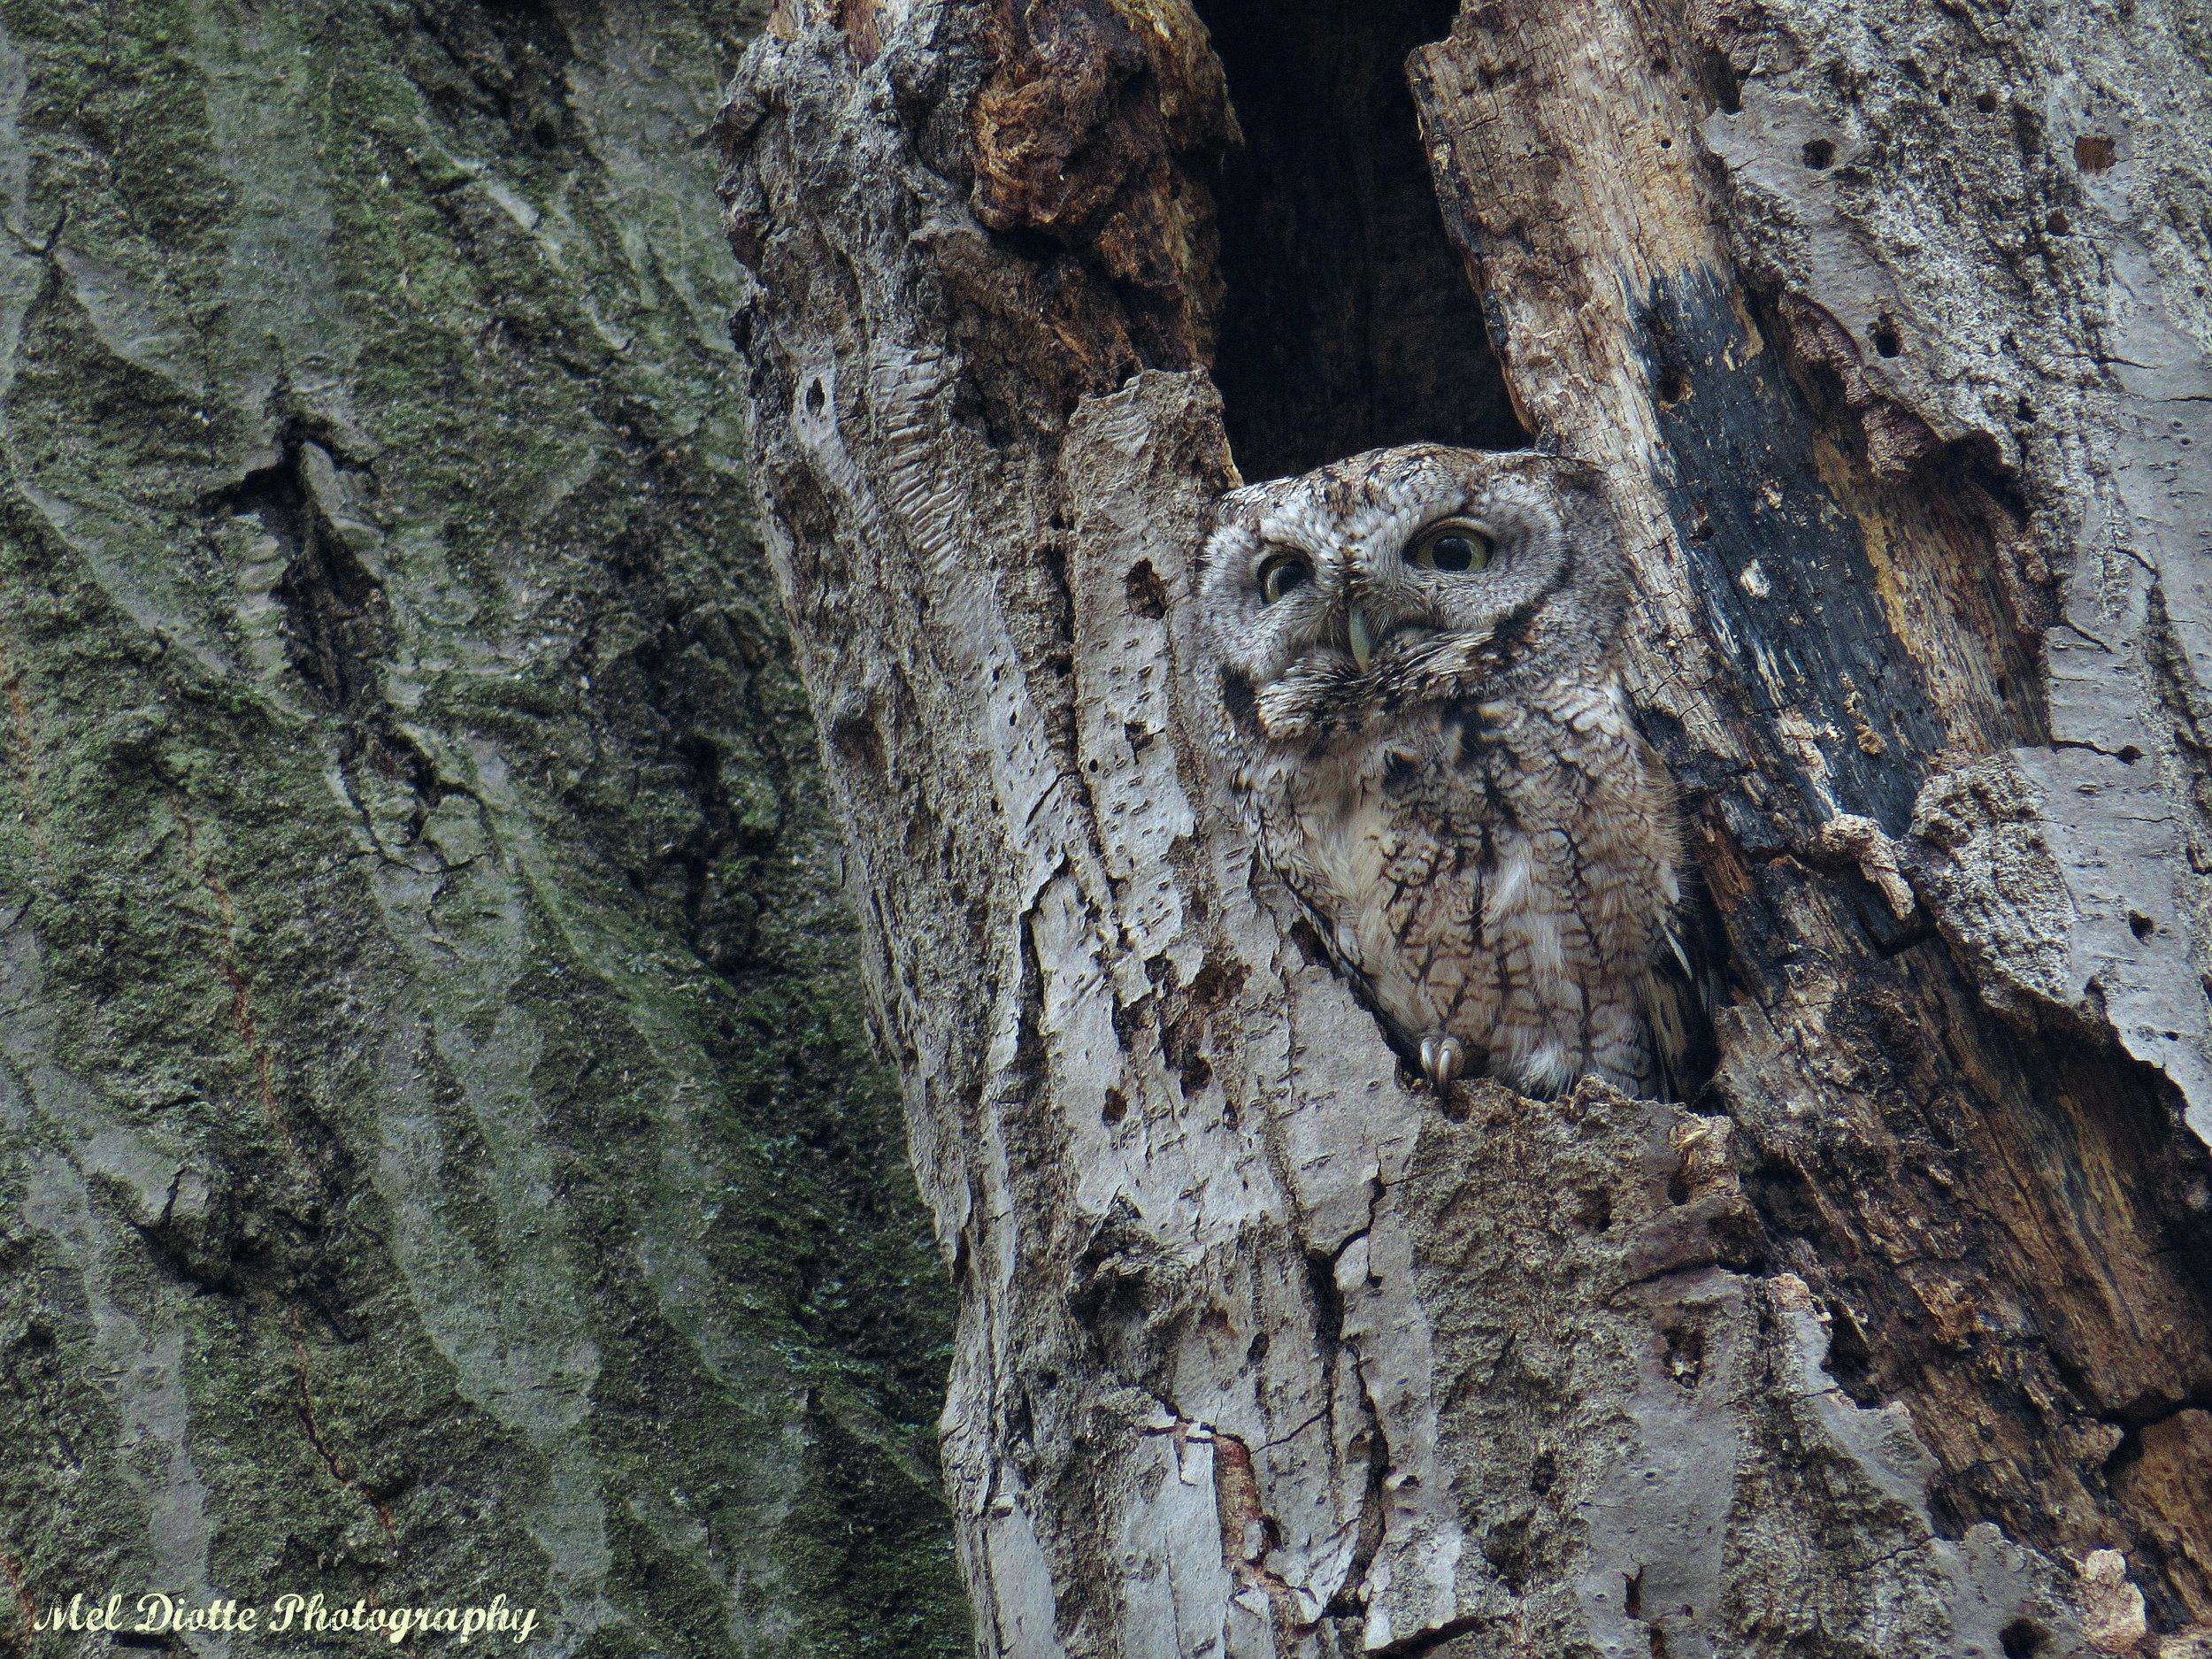 eastern screech owljsigned.jpg